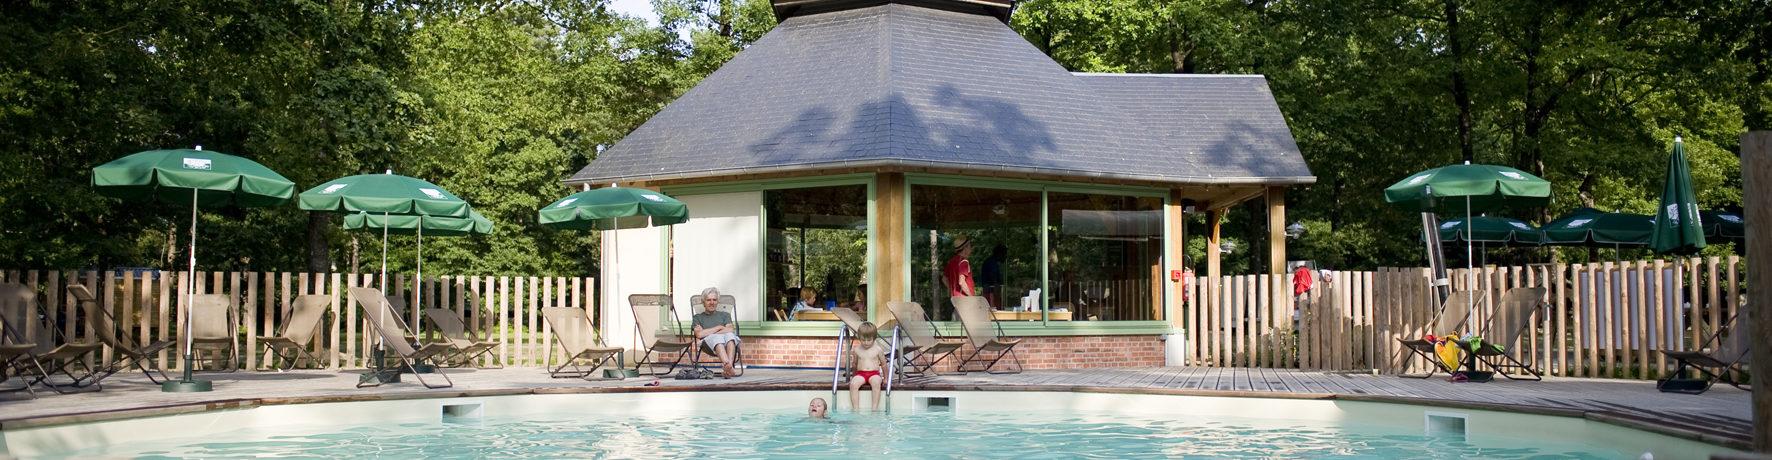 Camping Huttopia Lac de Sillé in Sille-le-Guillaume is een gezellige camping gelegen tussen meer en bos in de Sarthe in de Pays-de-la-Loire.